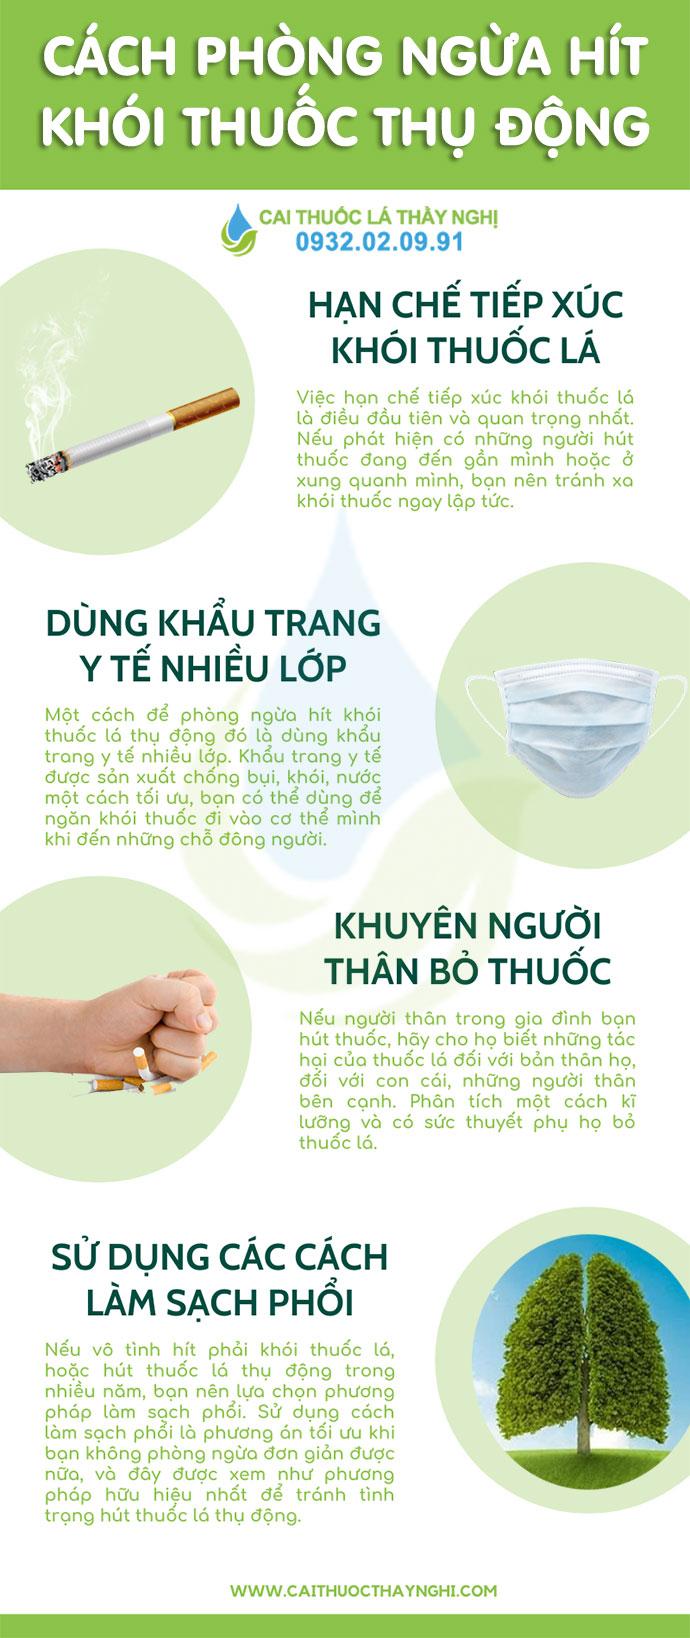 cách phòng ngừa hít khói thuốc thụ động